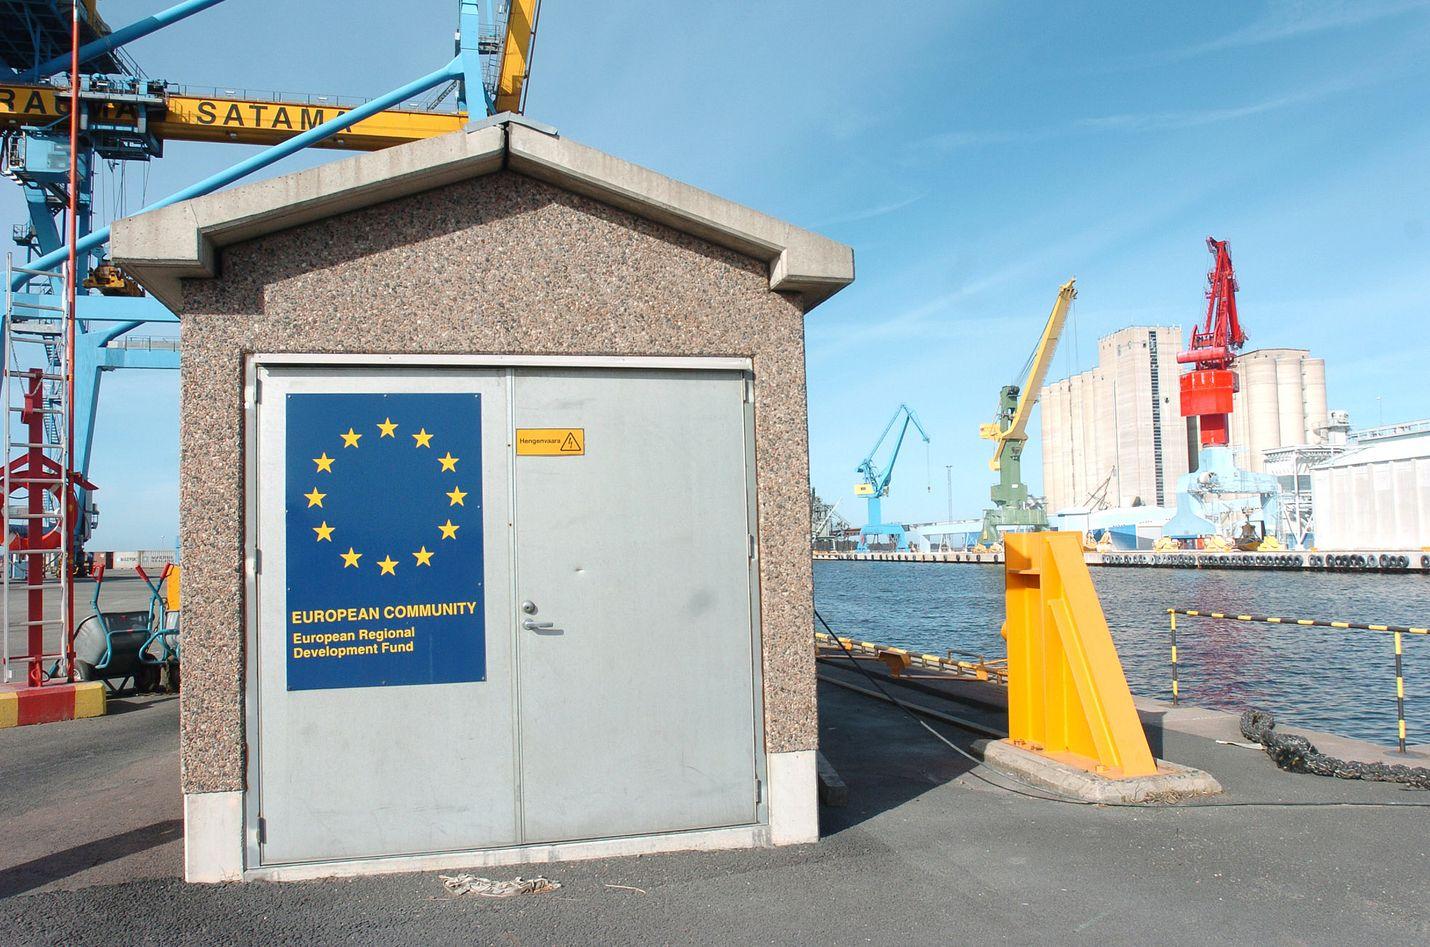 Kirjoittaja huomauttaa, että Suomi liittyi Euroopan unioniin kansan enemmistön tahdosta.